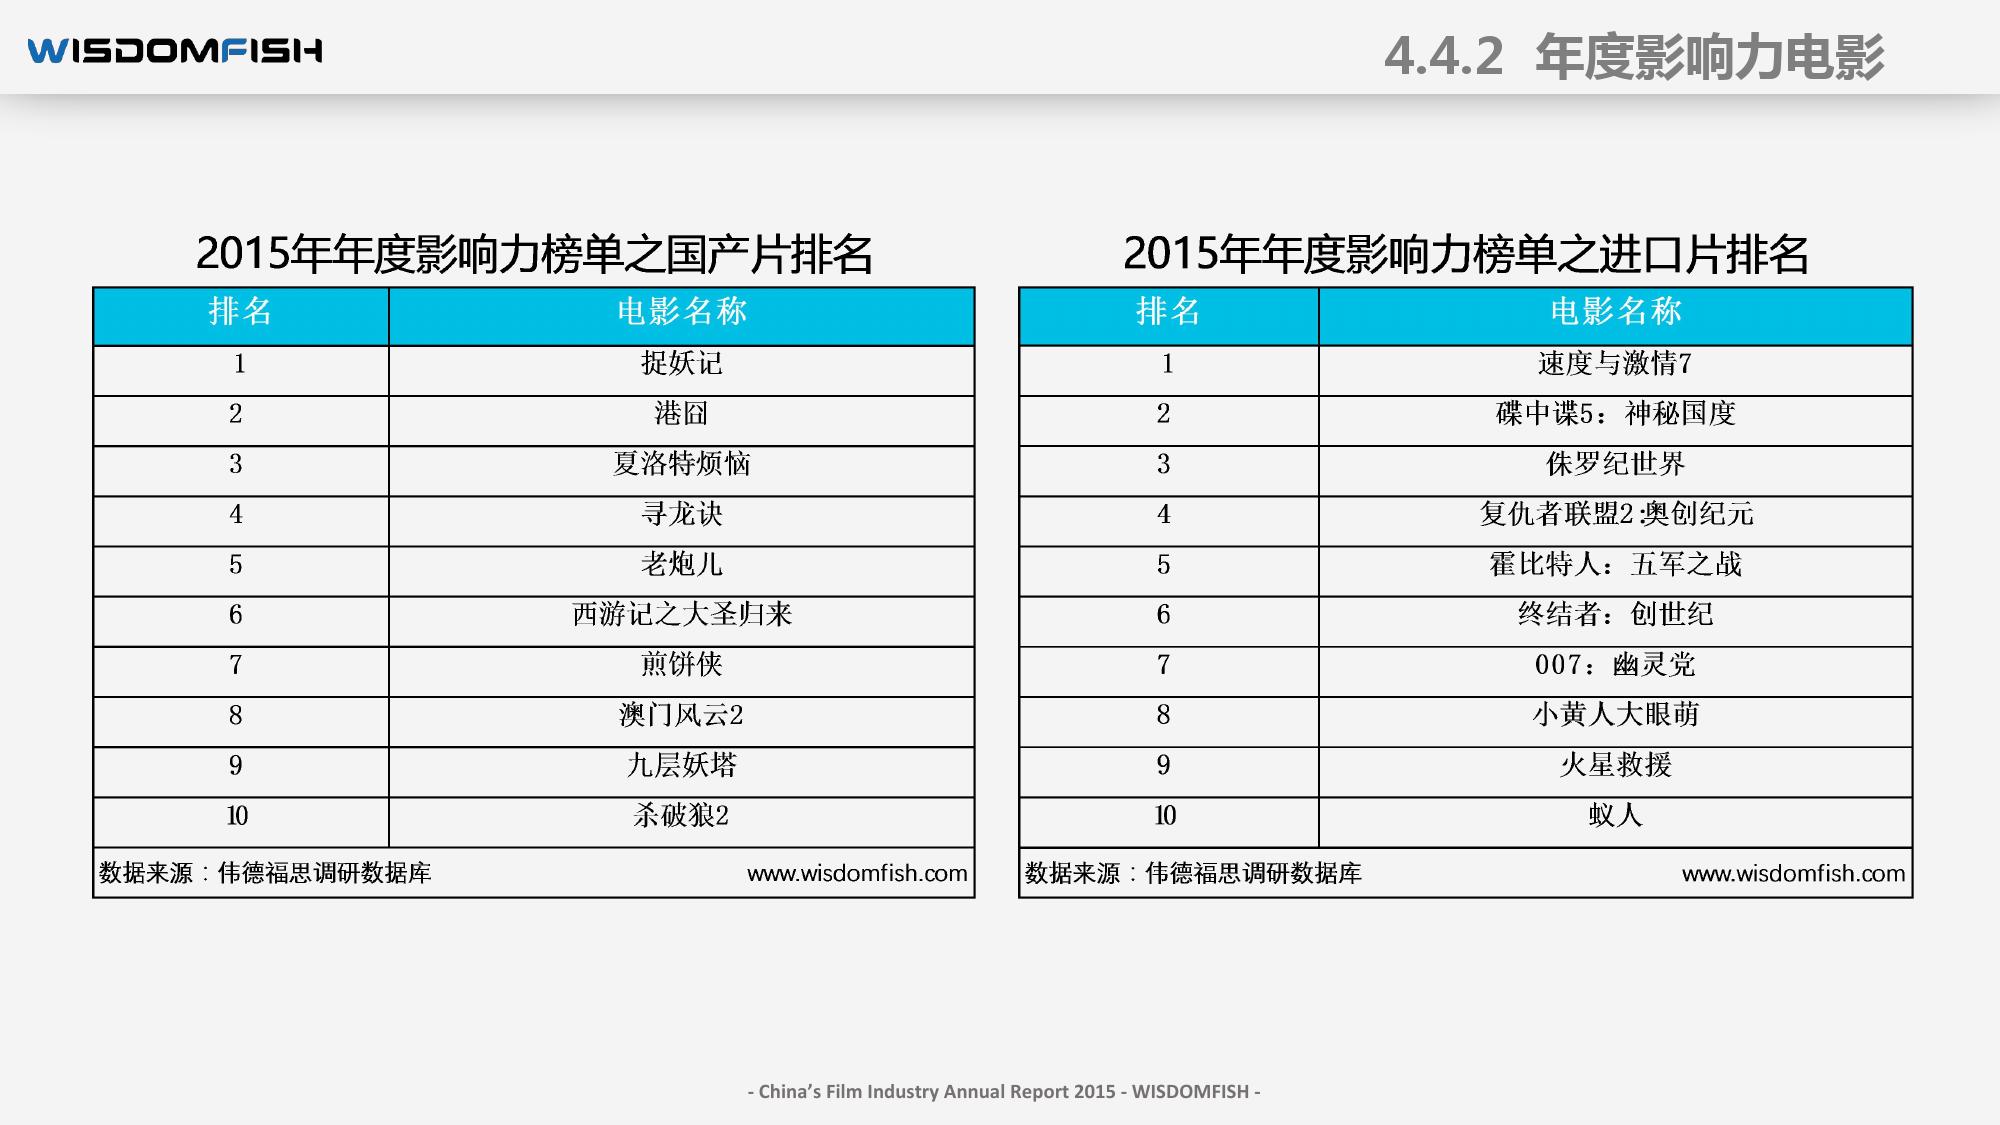 2015年度中国电影产业报告_000064